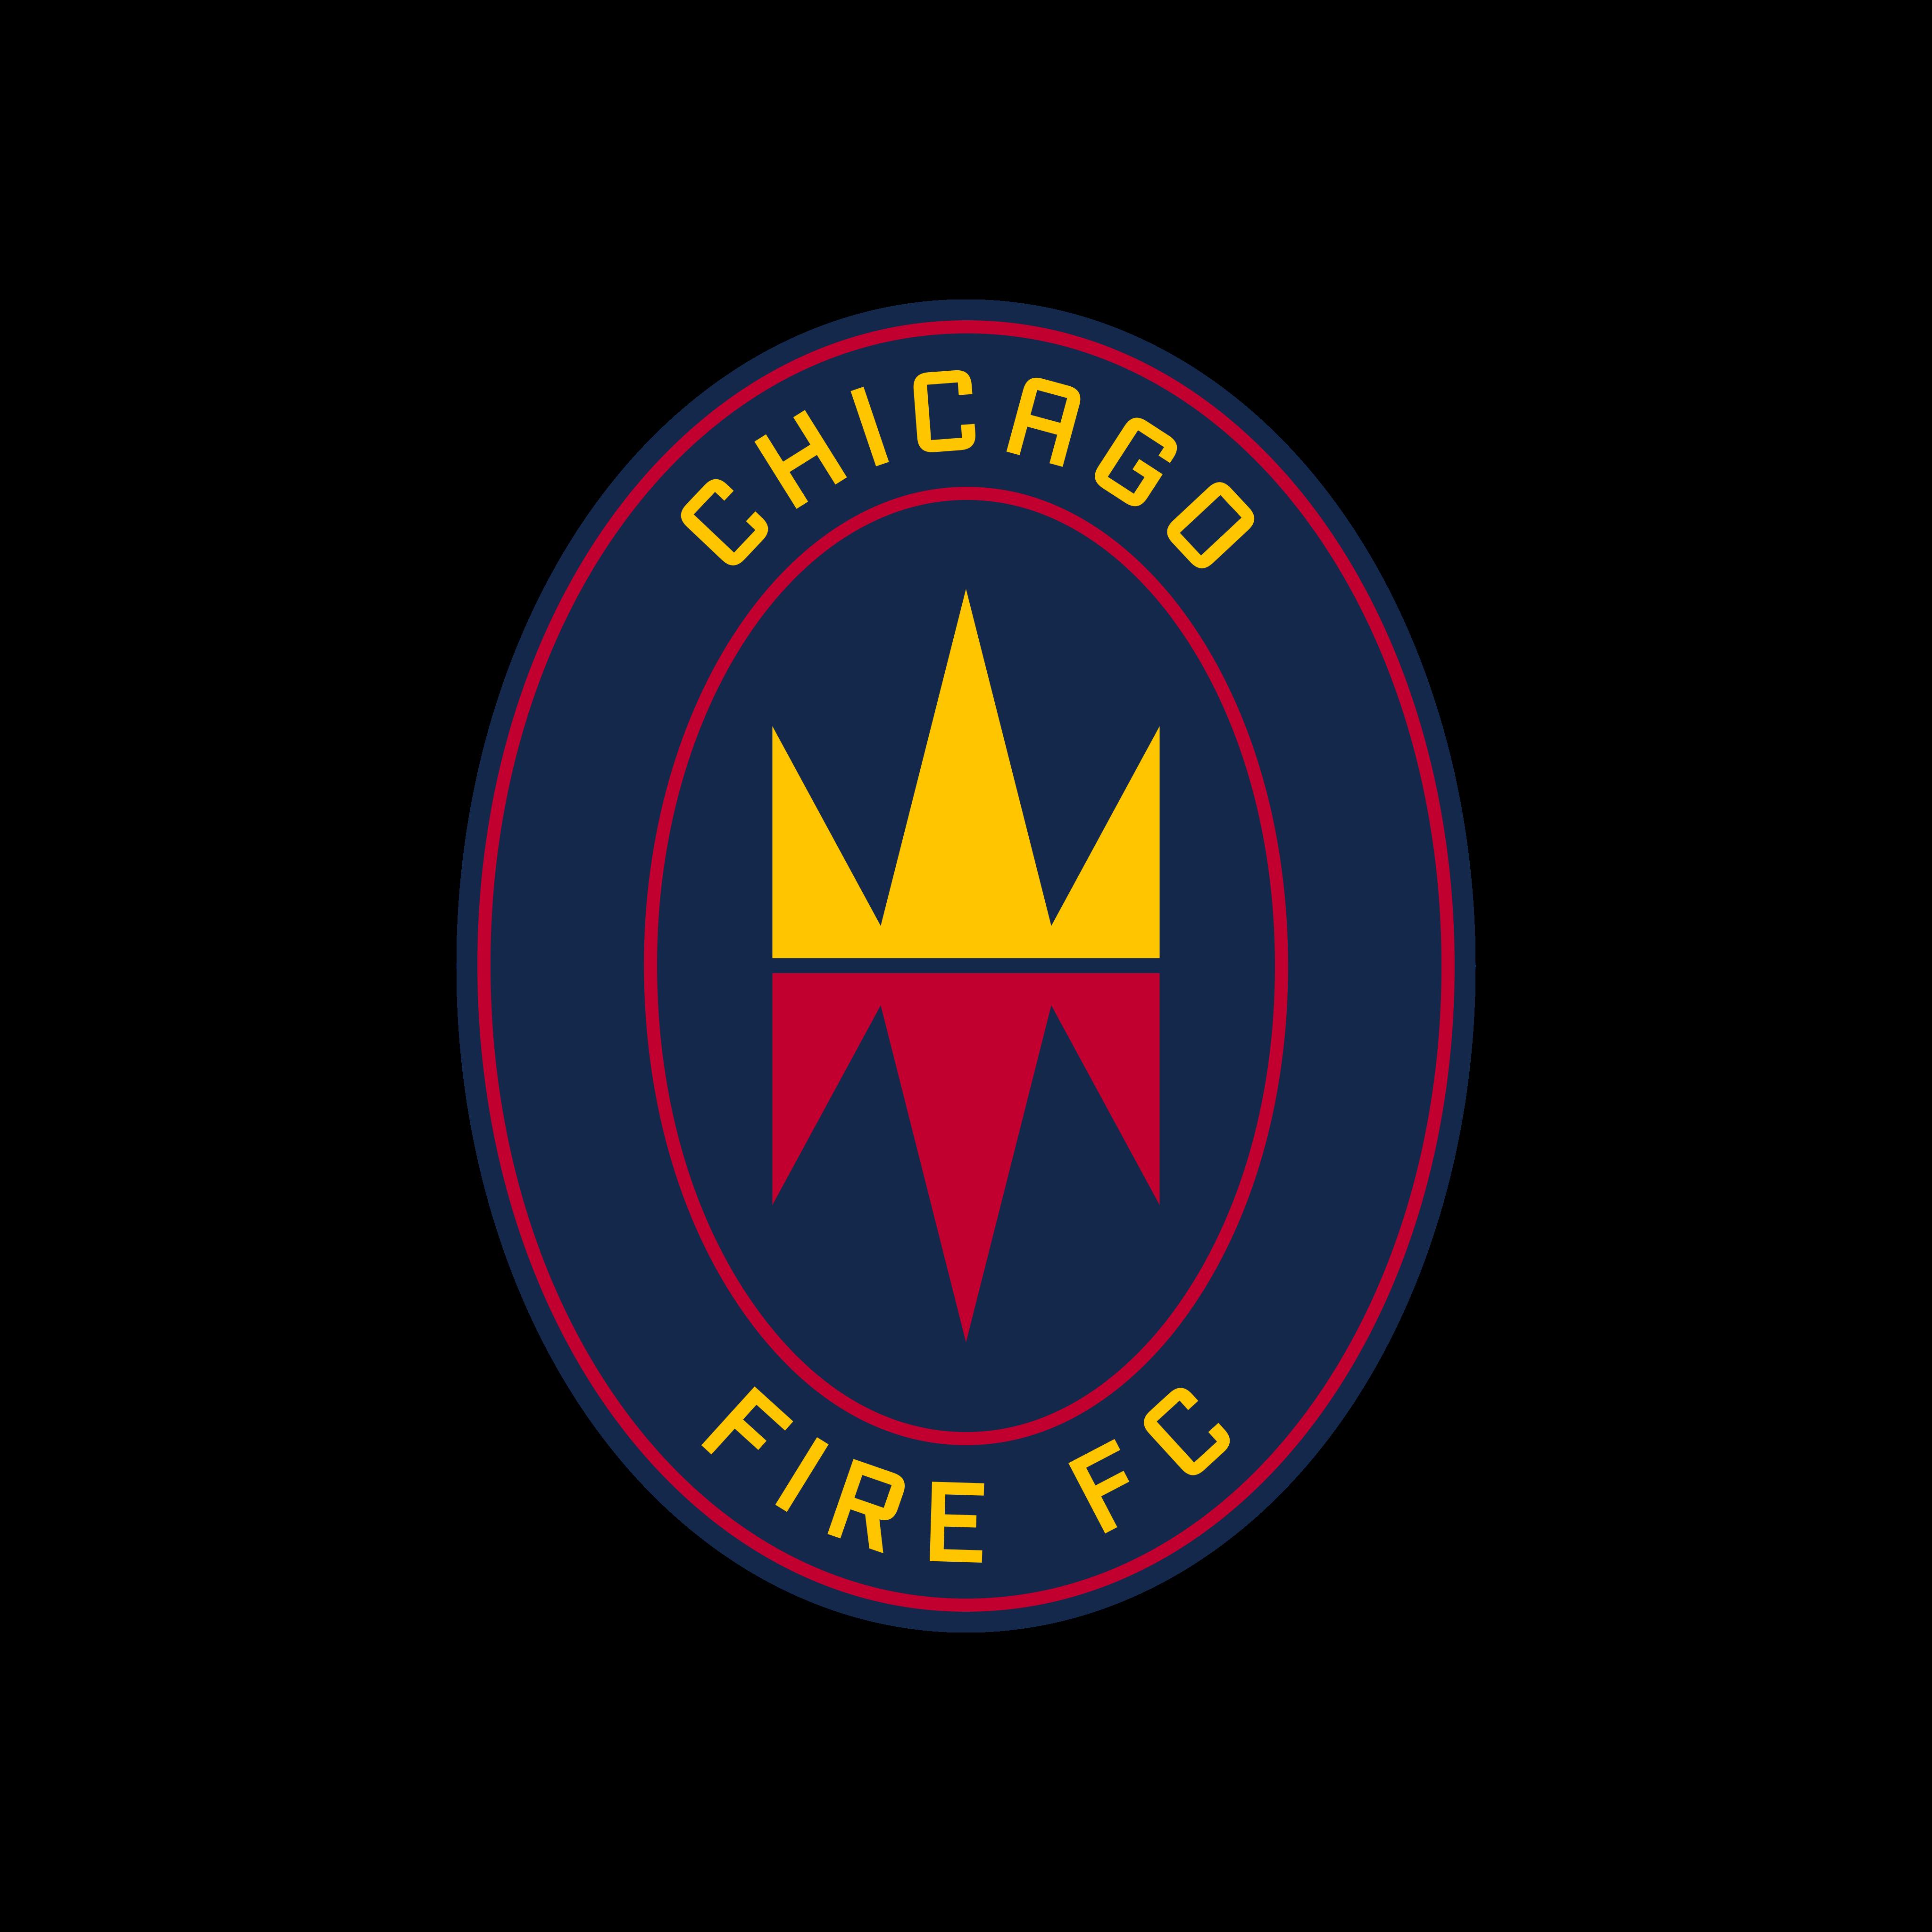 chicago fire logo 0 - Chicago Fire FC Logo